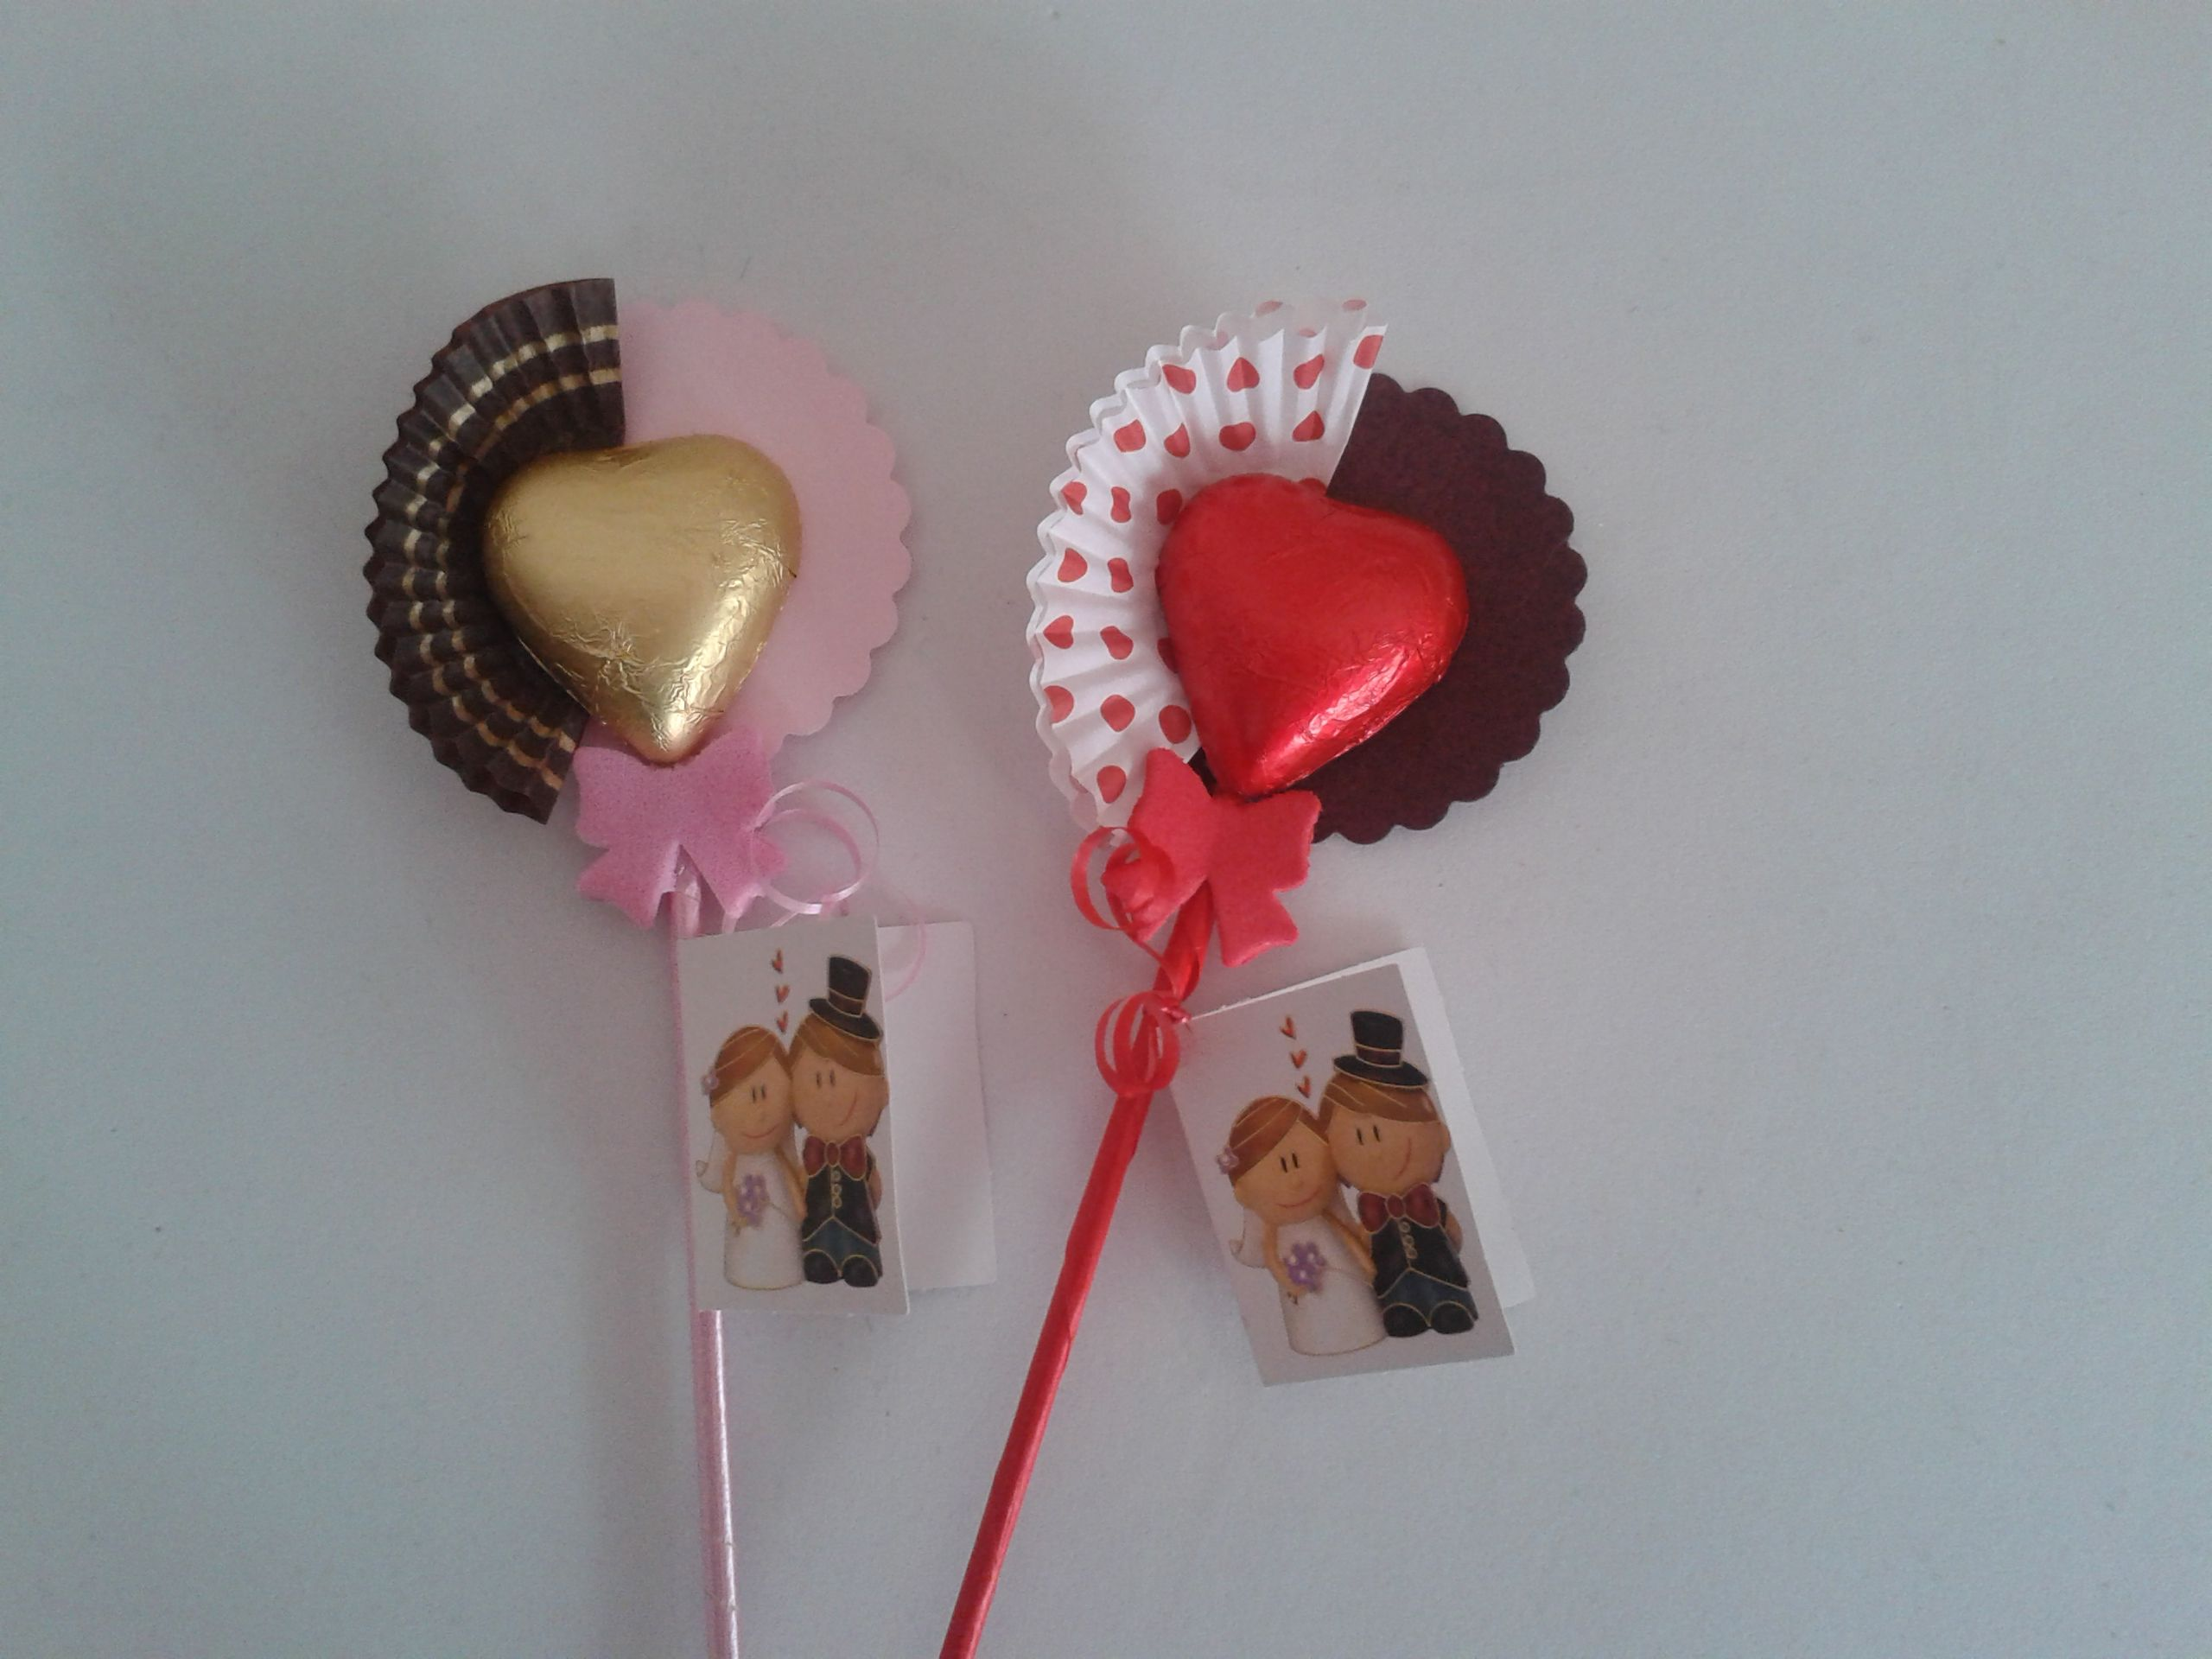 Brocheta Con Corazon De Chocolate Rojo O Dorado Ideal Para Regalar En Bodas Birthday Candles Candles Birthday